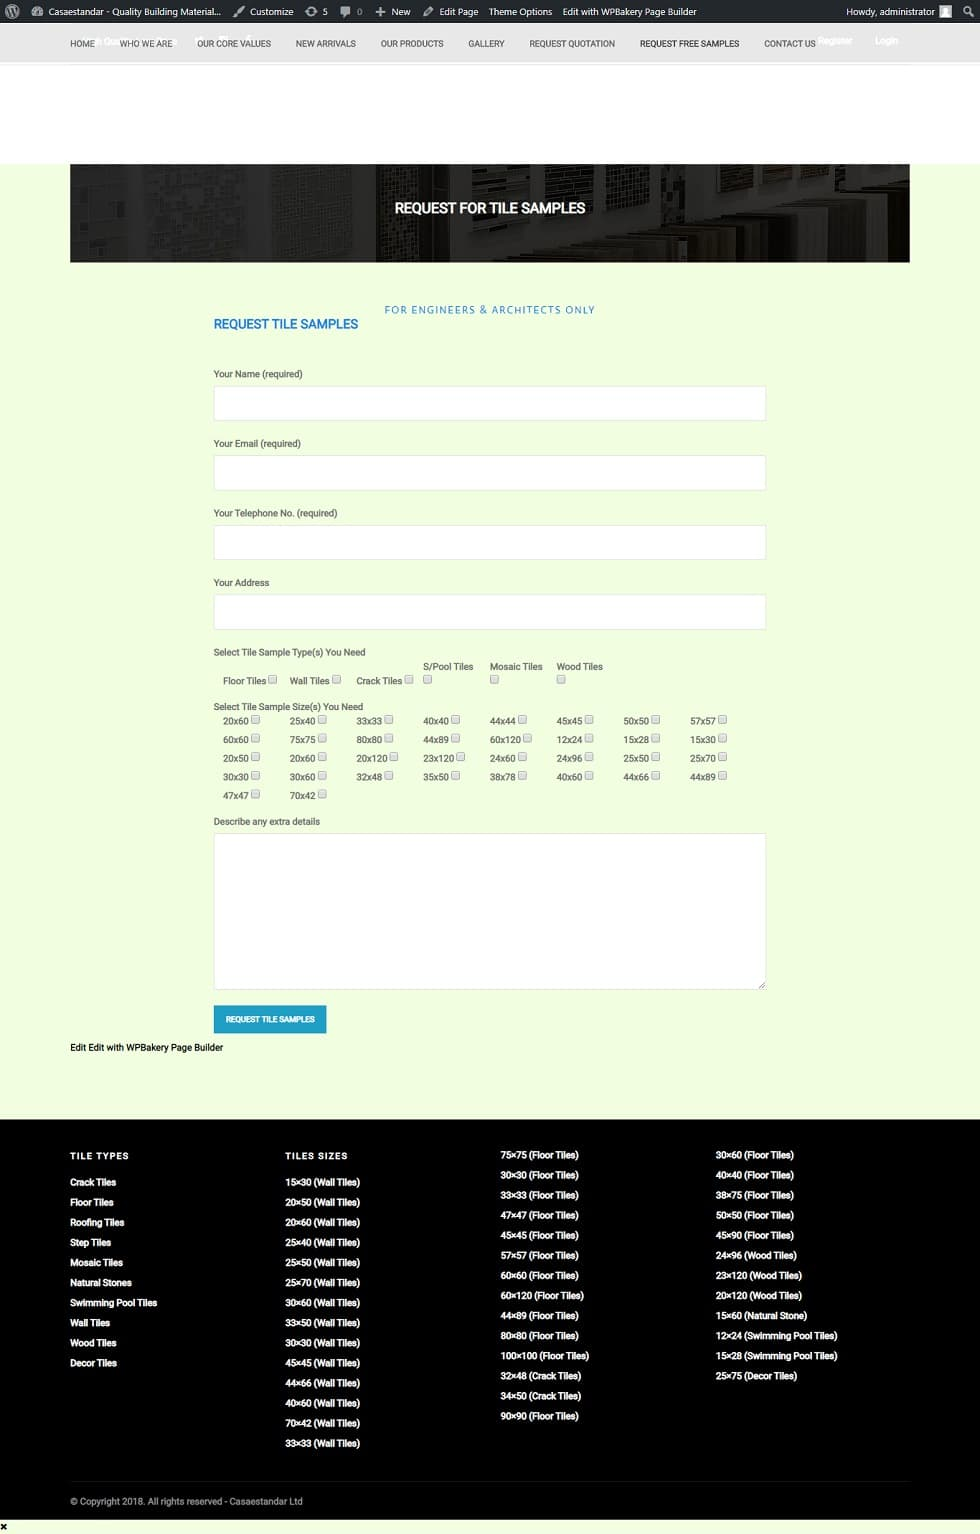 Capipar nigeria website design project